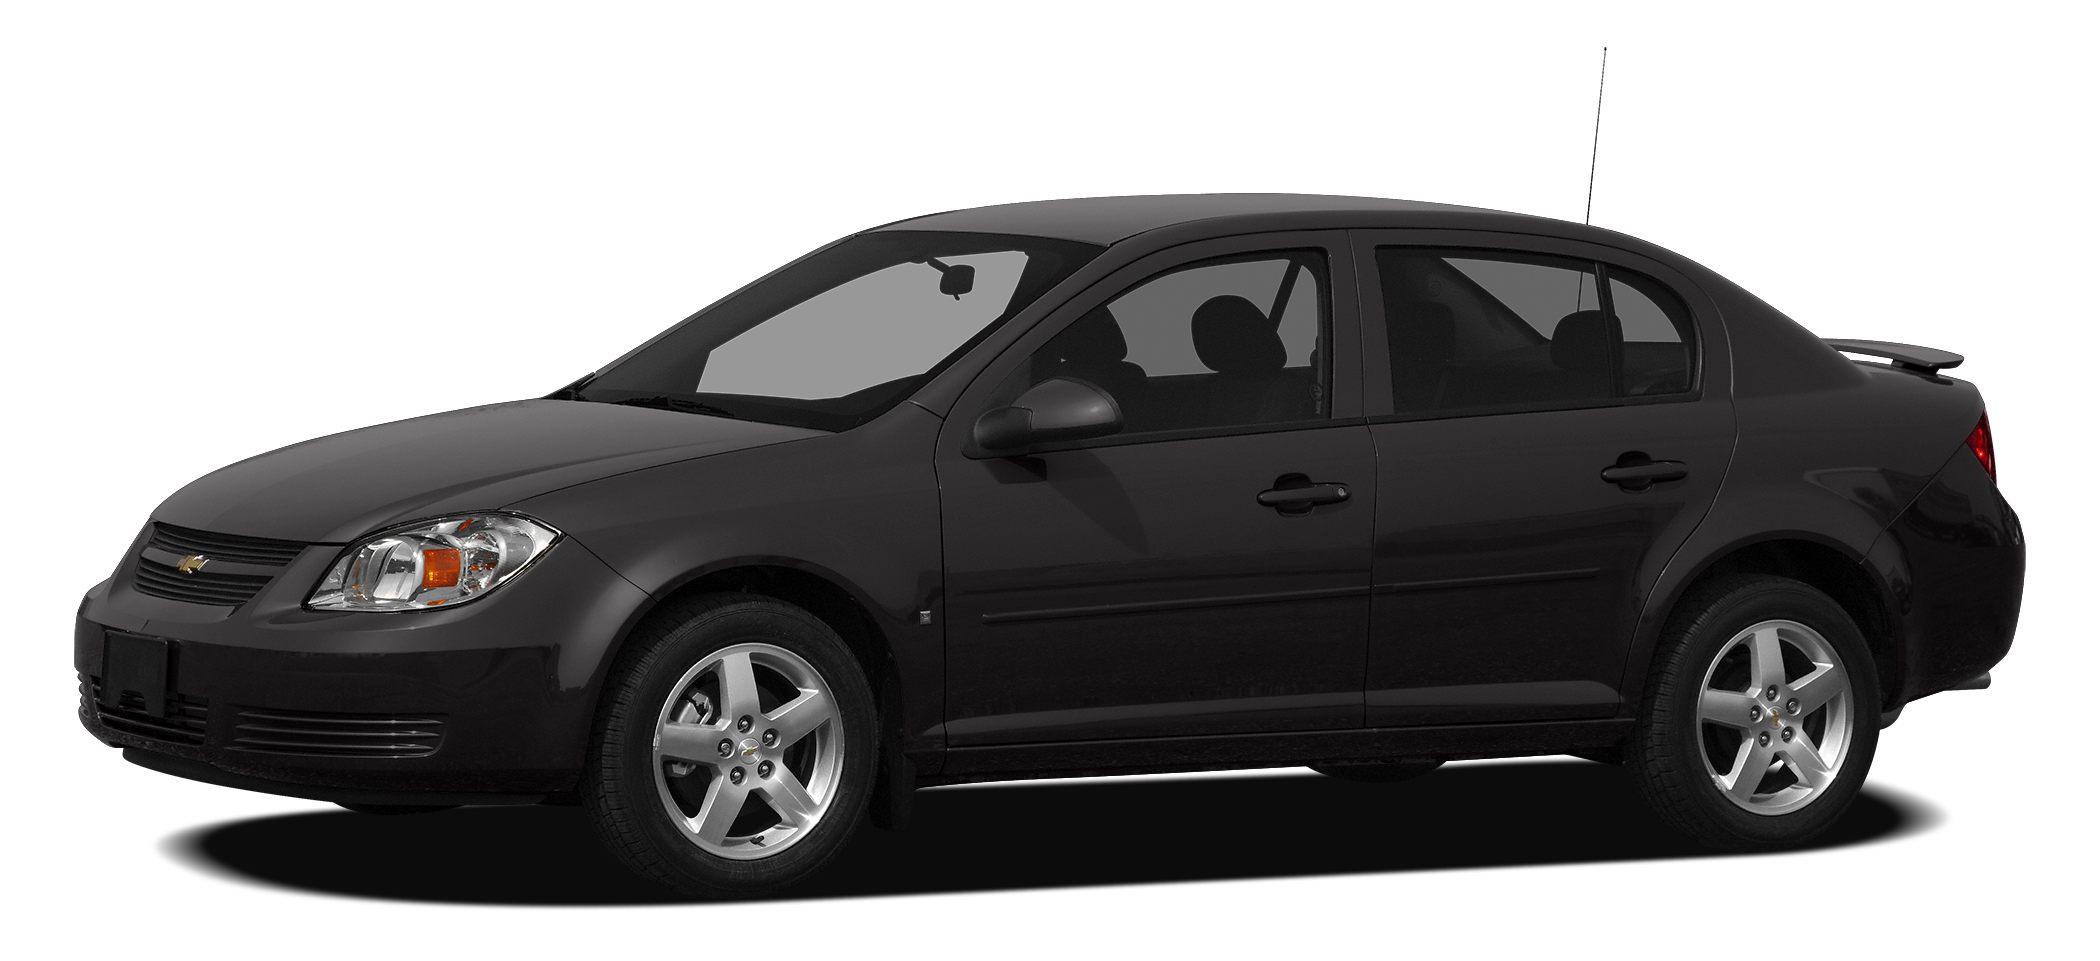 2010 Chevrolet Cobalt LT Miles 88238Color Black Stock RP1070A VIN 1G1AF5F58A7133724